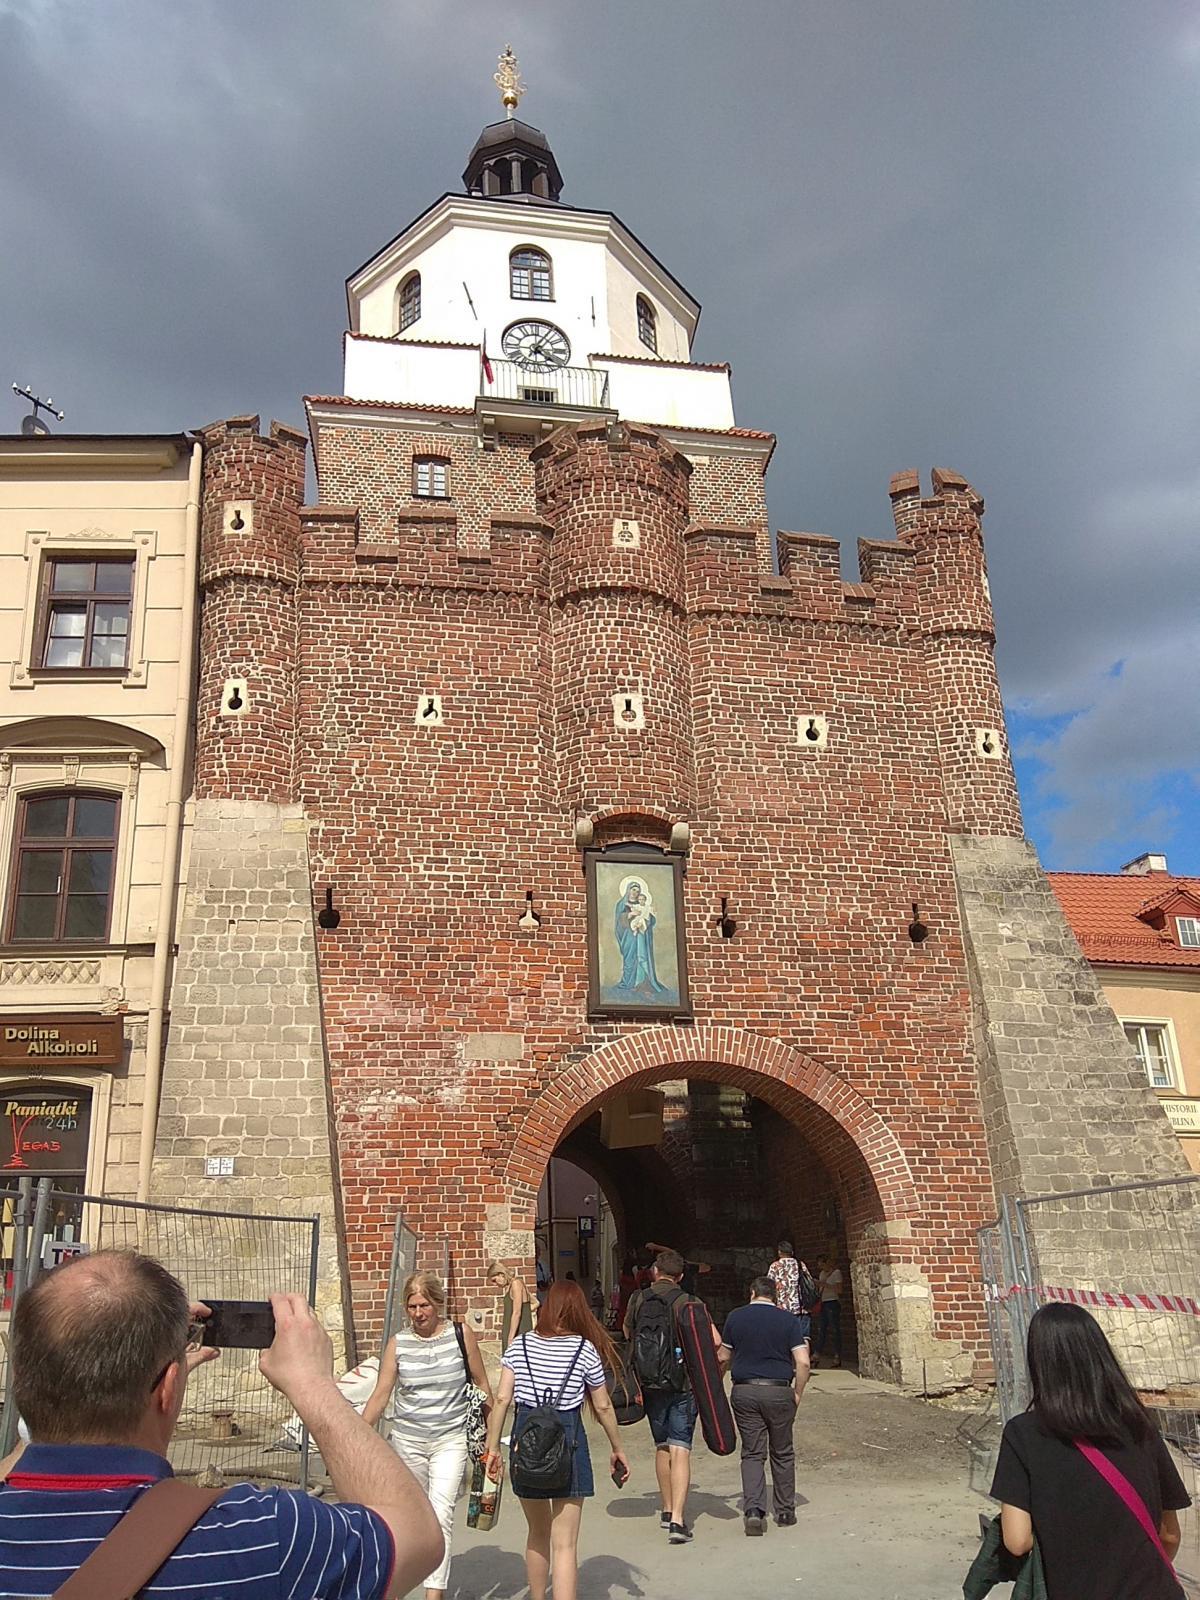 Краковские ворота - один из символов города/ фото Варвара Вайс